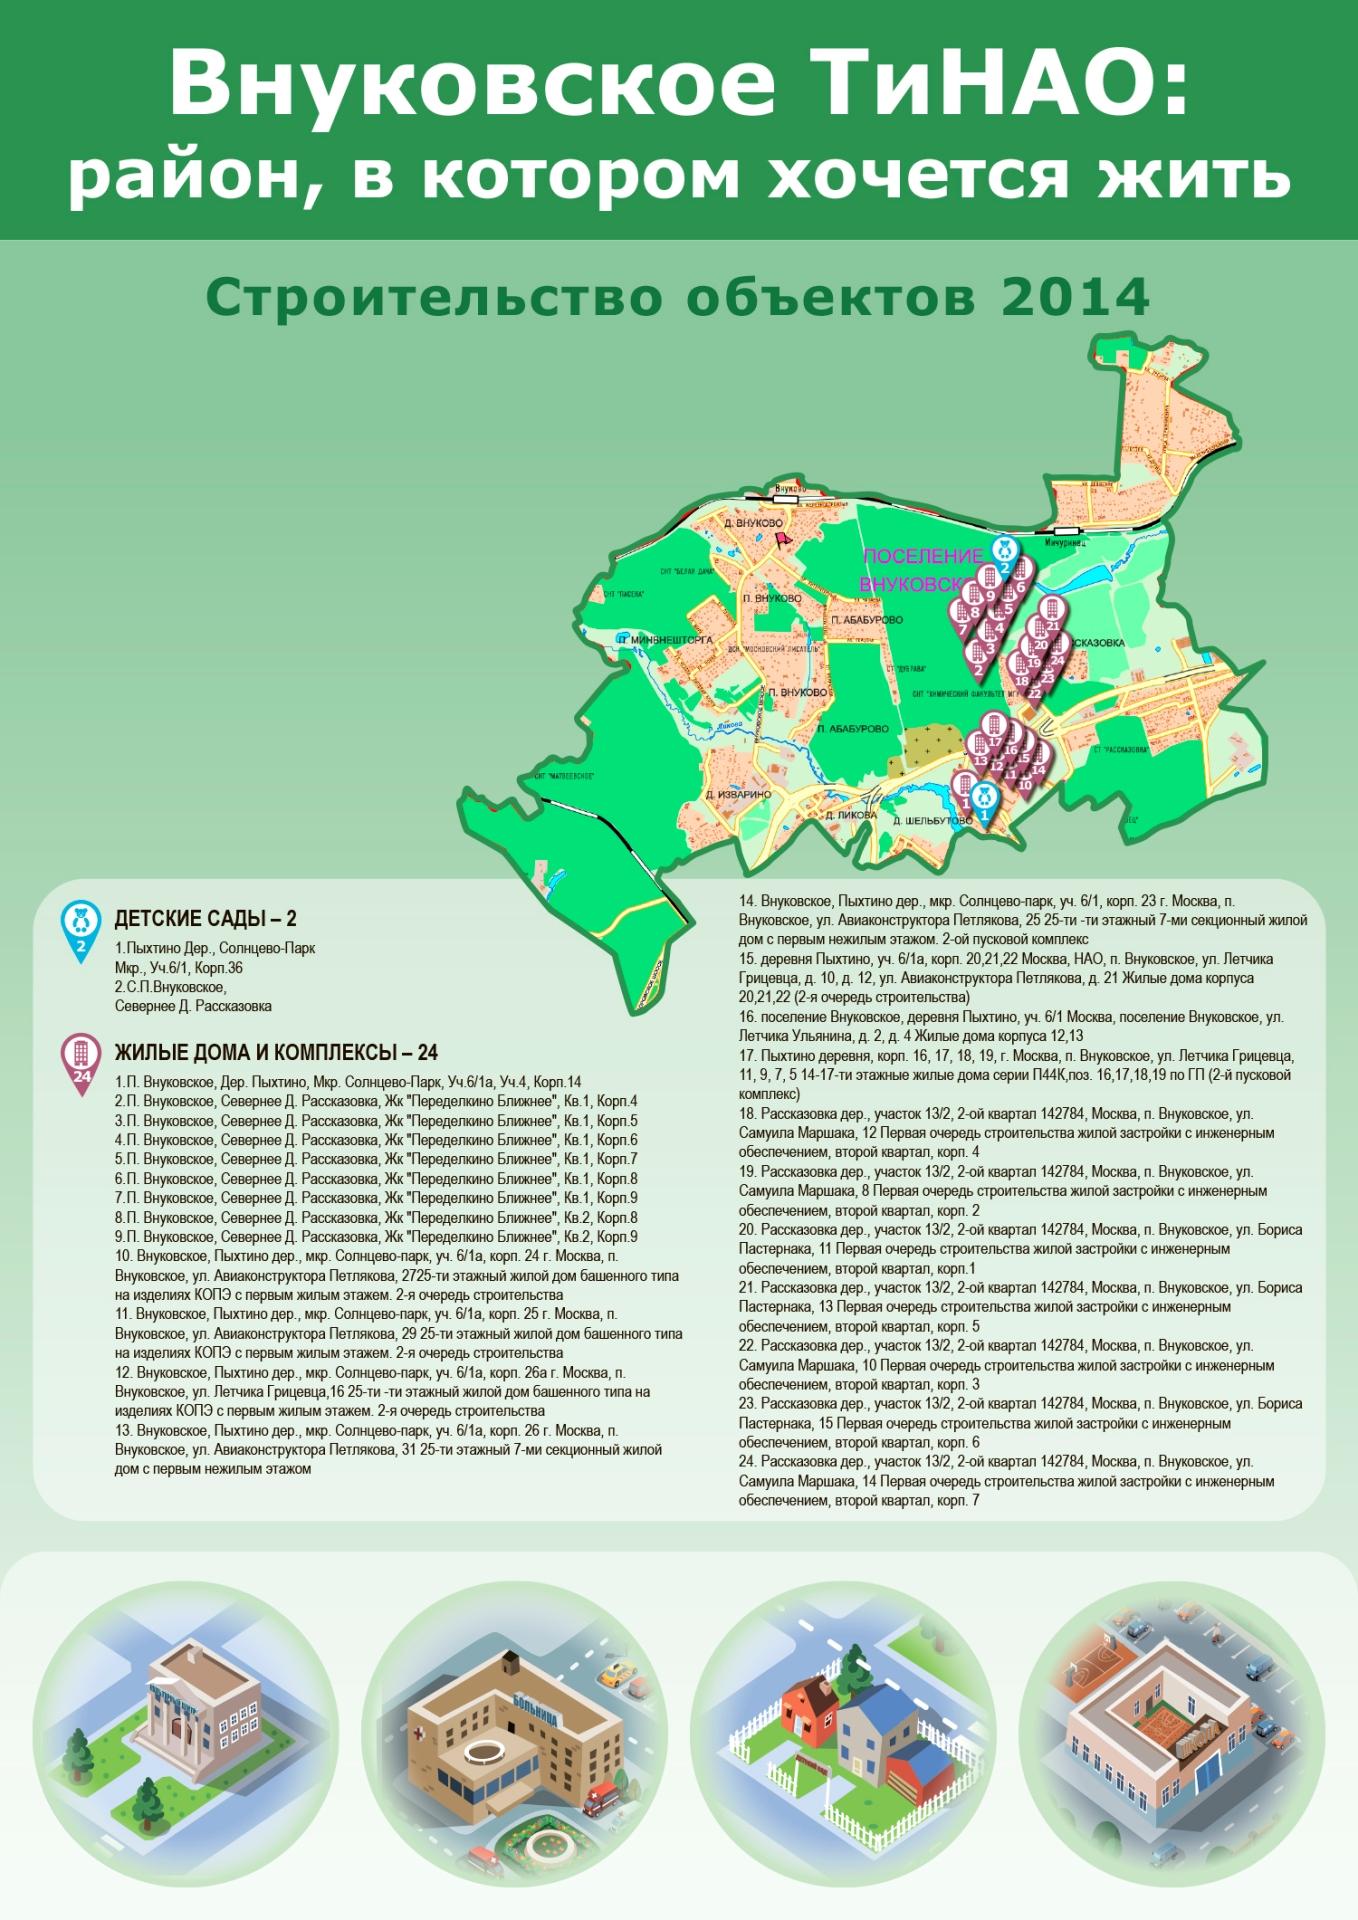 Поселение Внуковское строительство в 2014 году